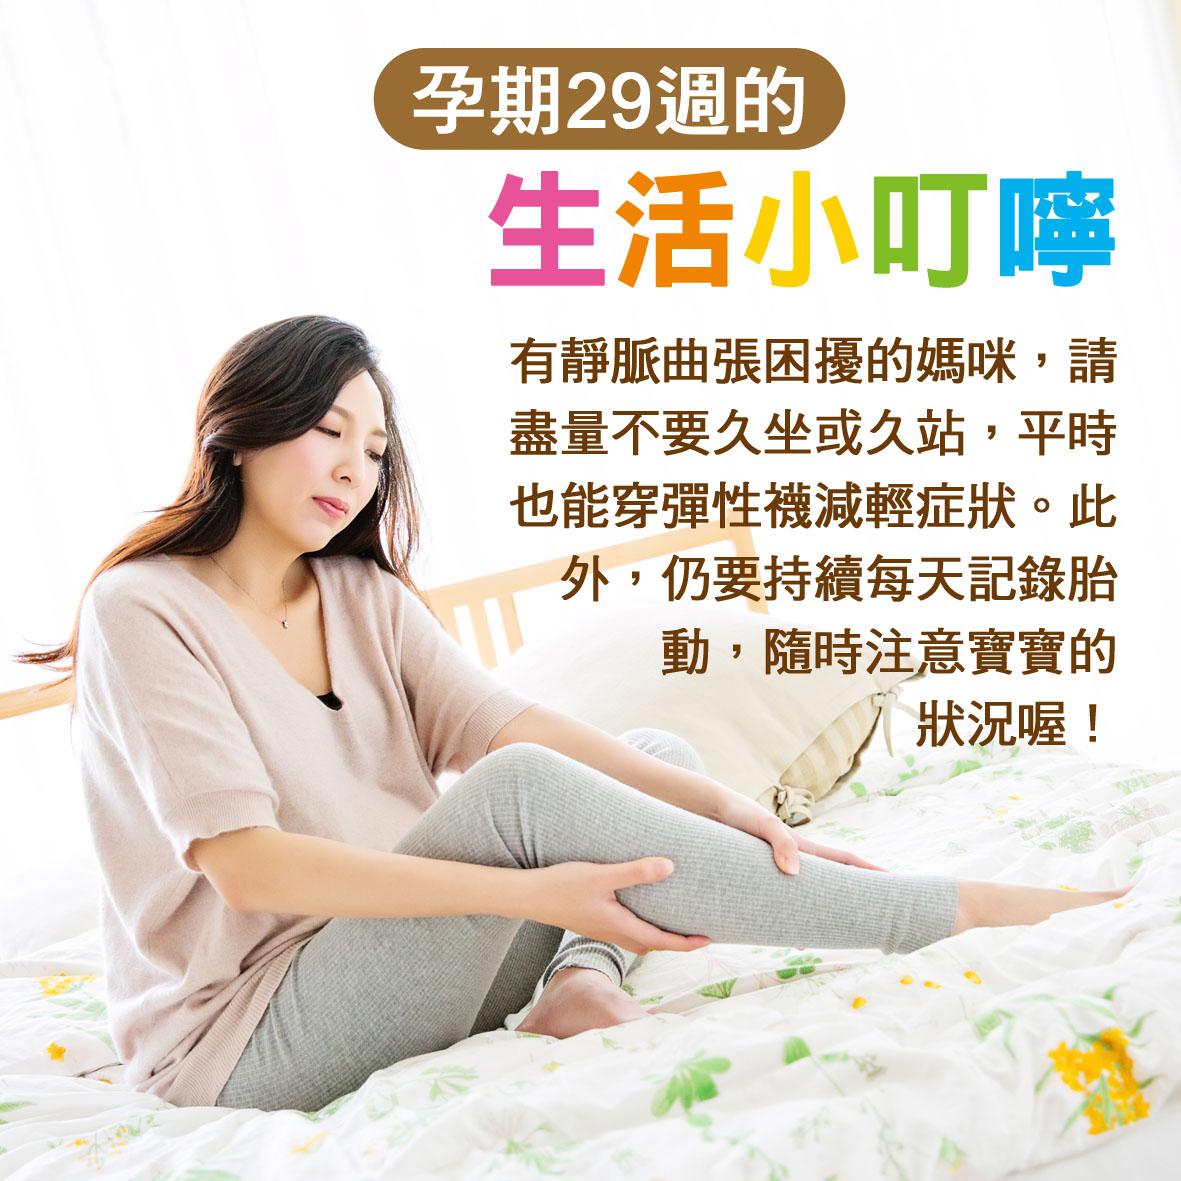 懷孕第29週-孕期29週的生活小叮嚀